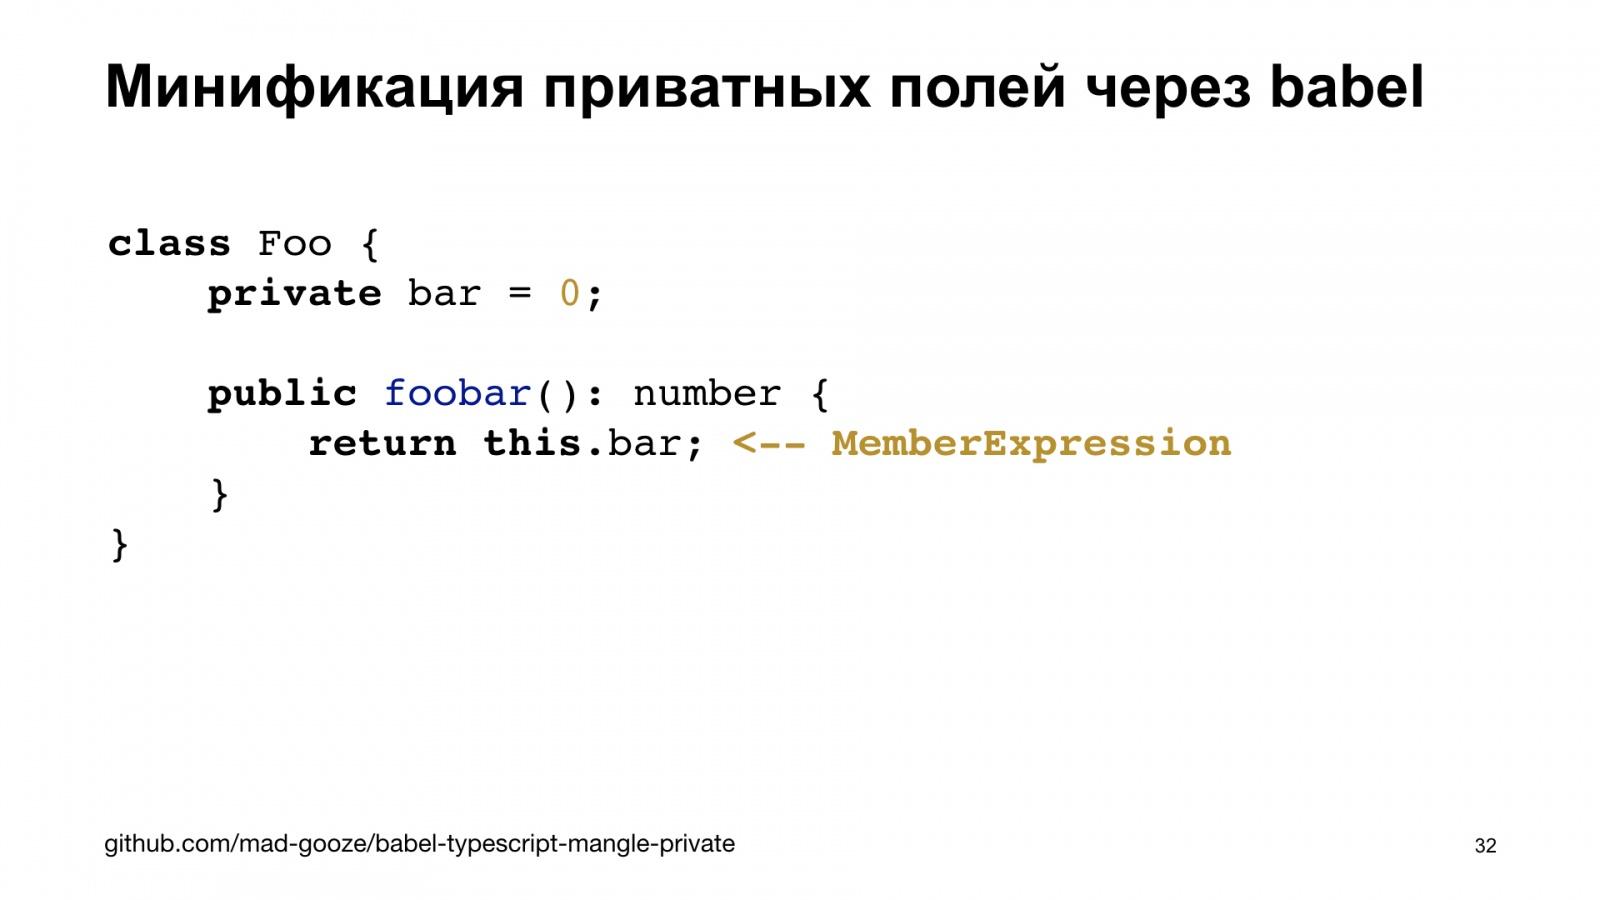 Минифицируем приватные поля в TypeScript. Доклад Яндекса - 32